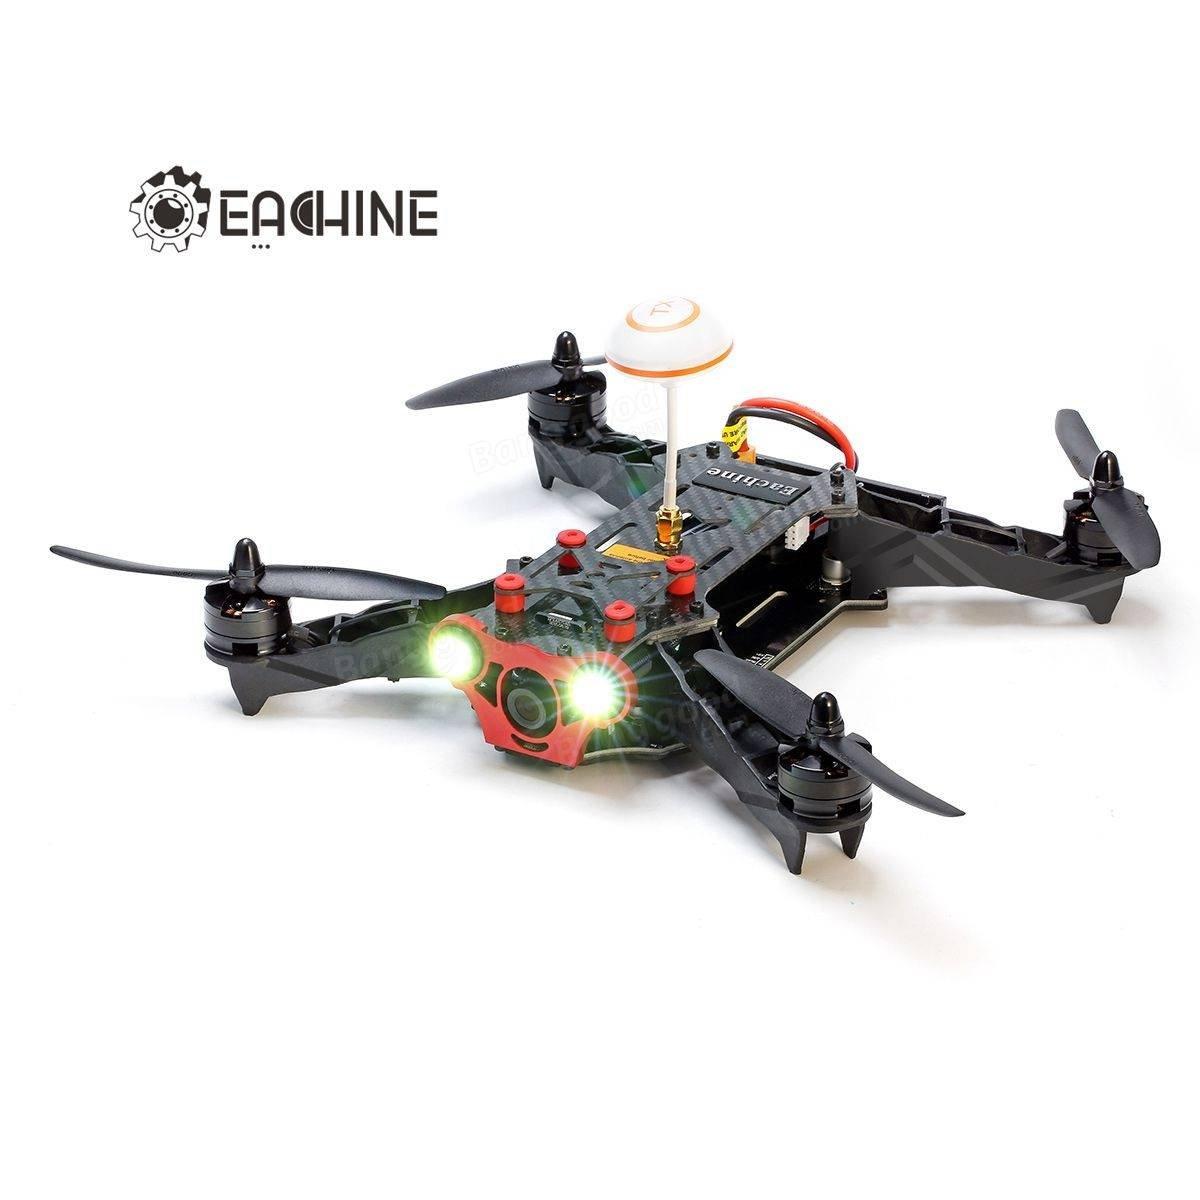 PhilMat Eachine racer 250 drone FPV construida en 5.8 g transmisor ...